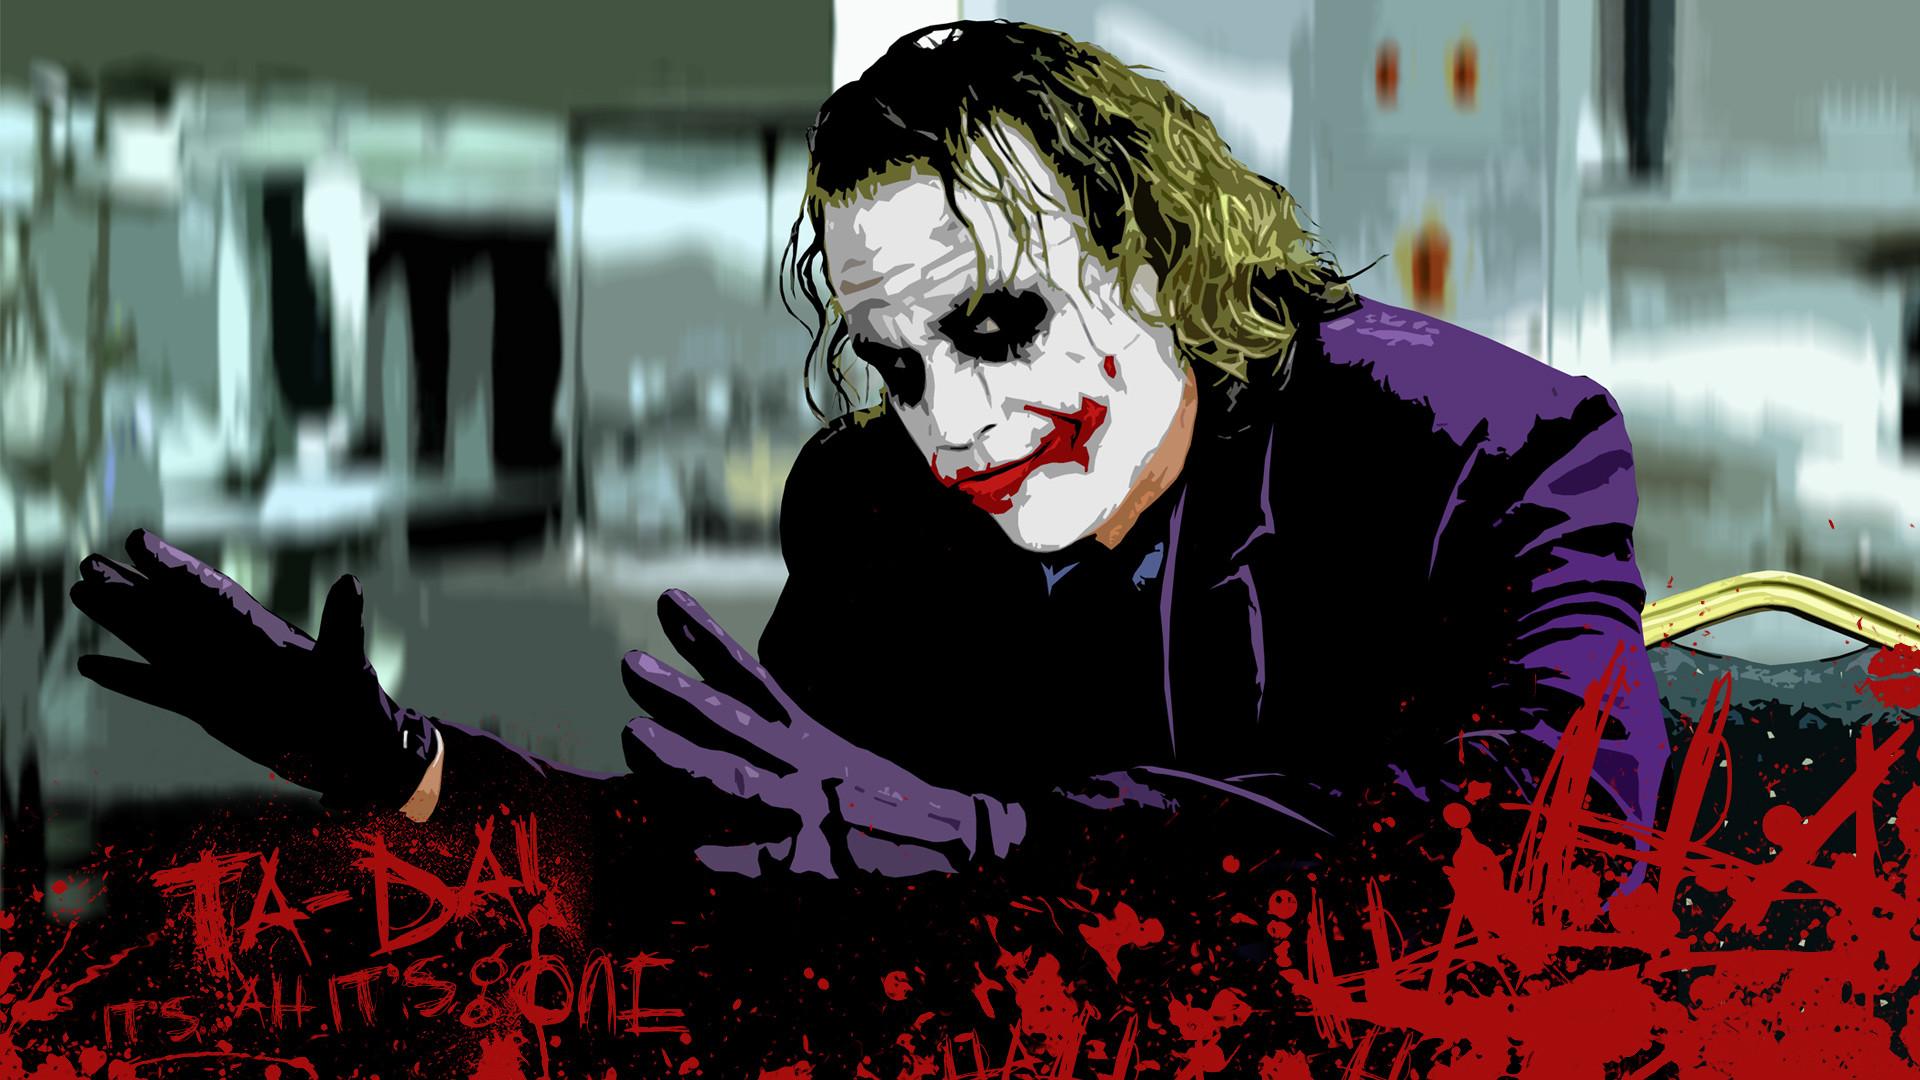 joker – The Joker Wallpaper (28092765) – Fanpop